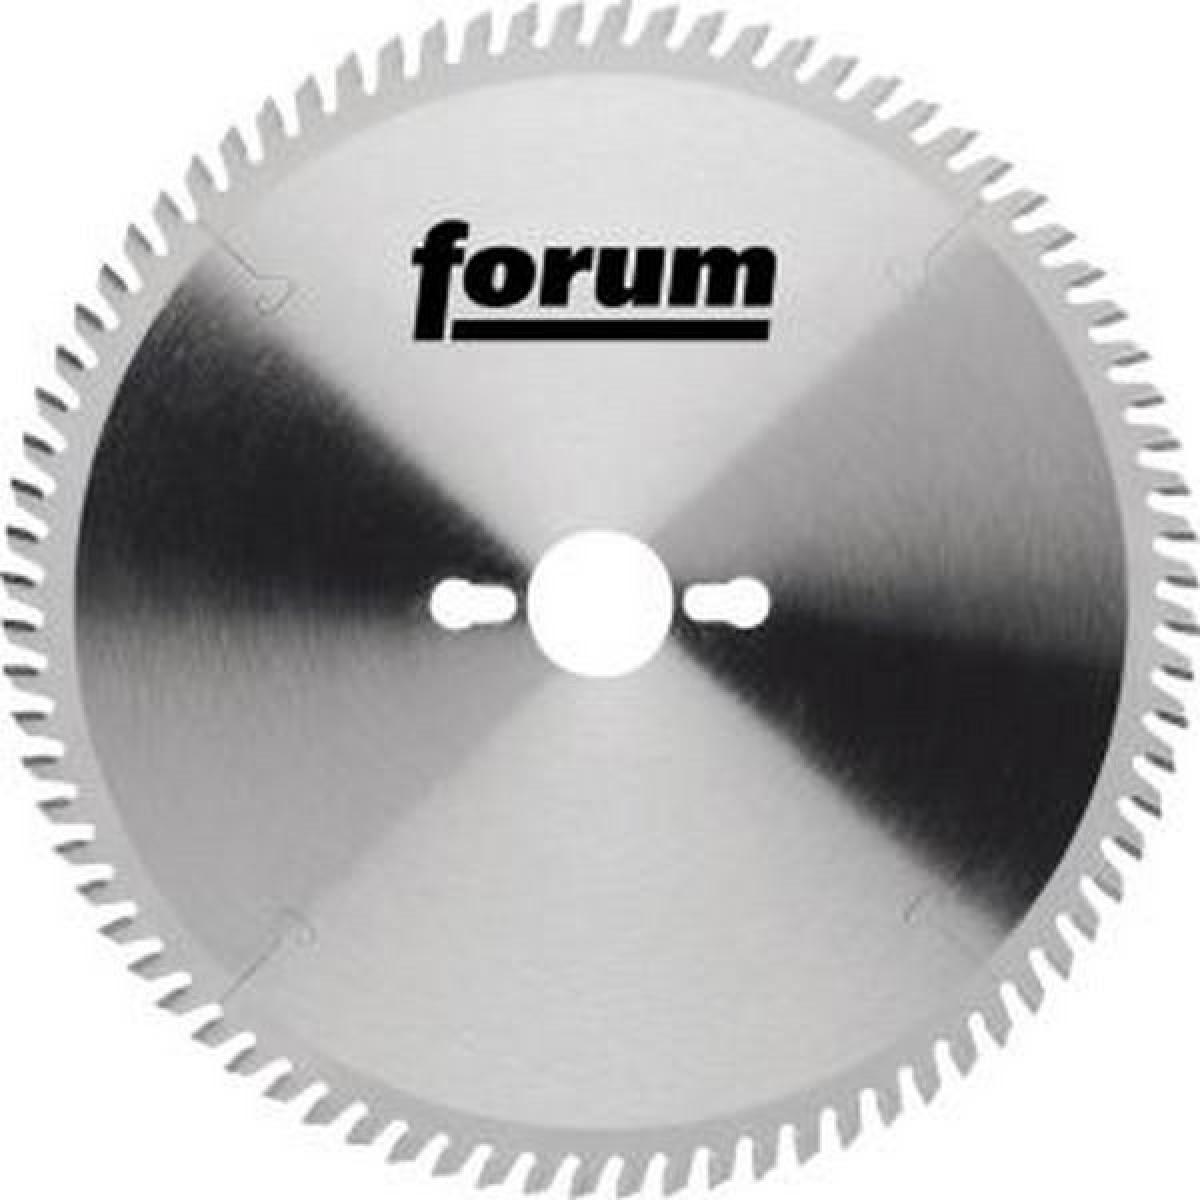 Forum Lame de scie circulaire, Ø : 210 mm, Larg. : 2,8 mm, Alésage 30 mm, Perçages secondaires : 2/7/42, Dents : 64